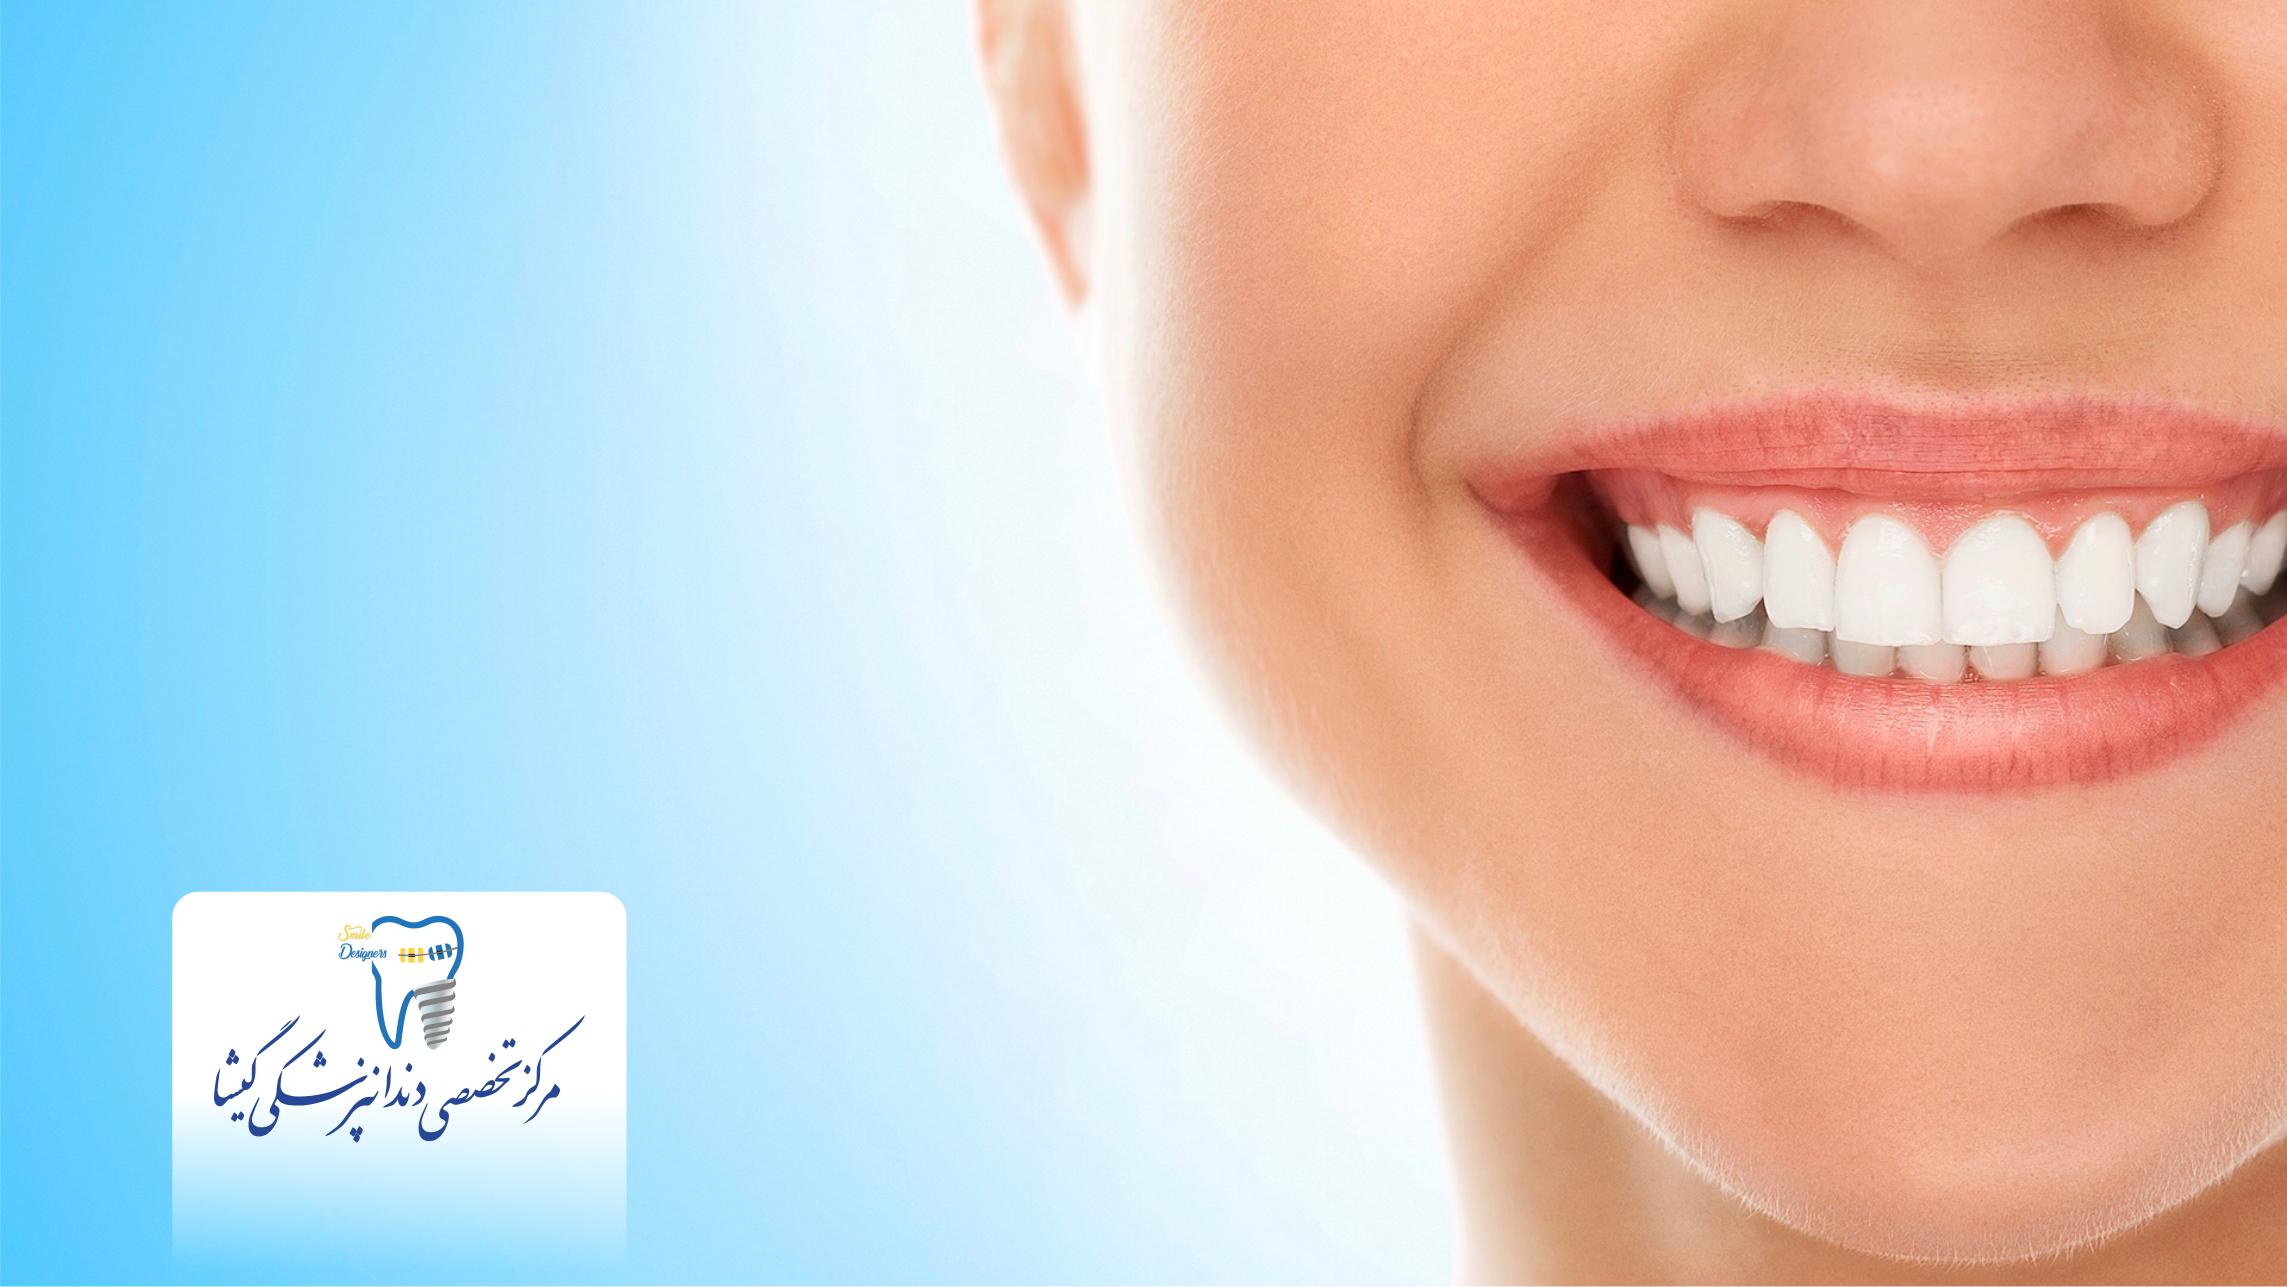 لامینیت سرامیکی - طراحی لبخند